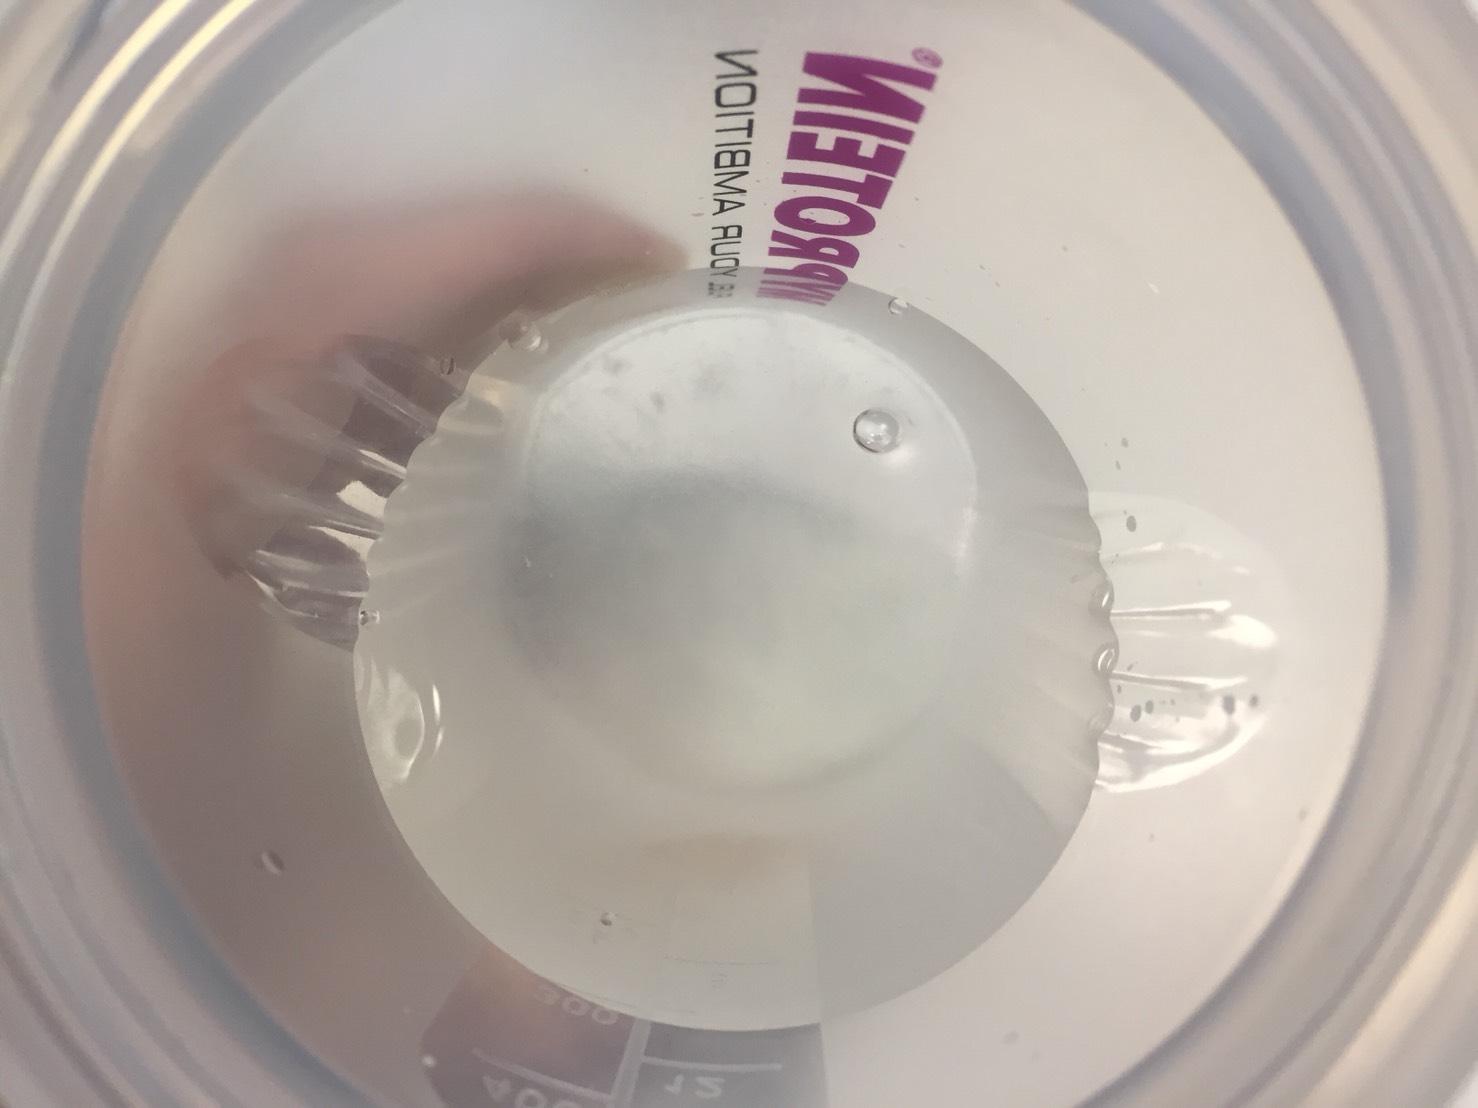 水を注いだ直後の様子